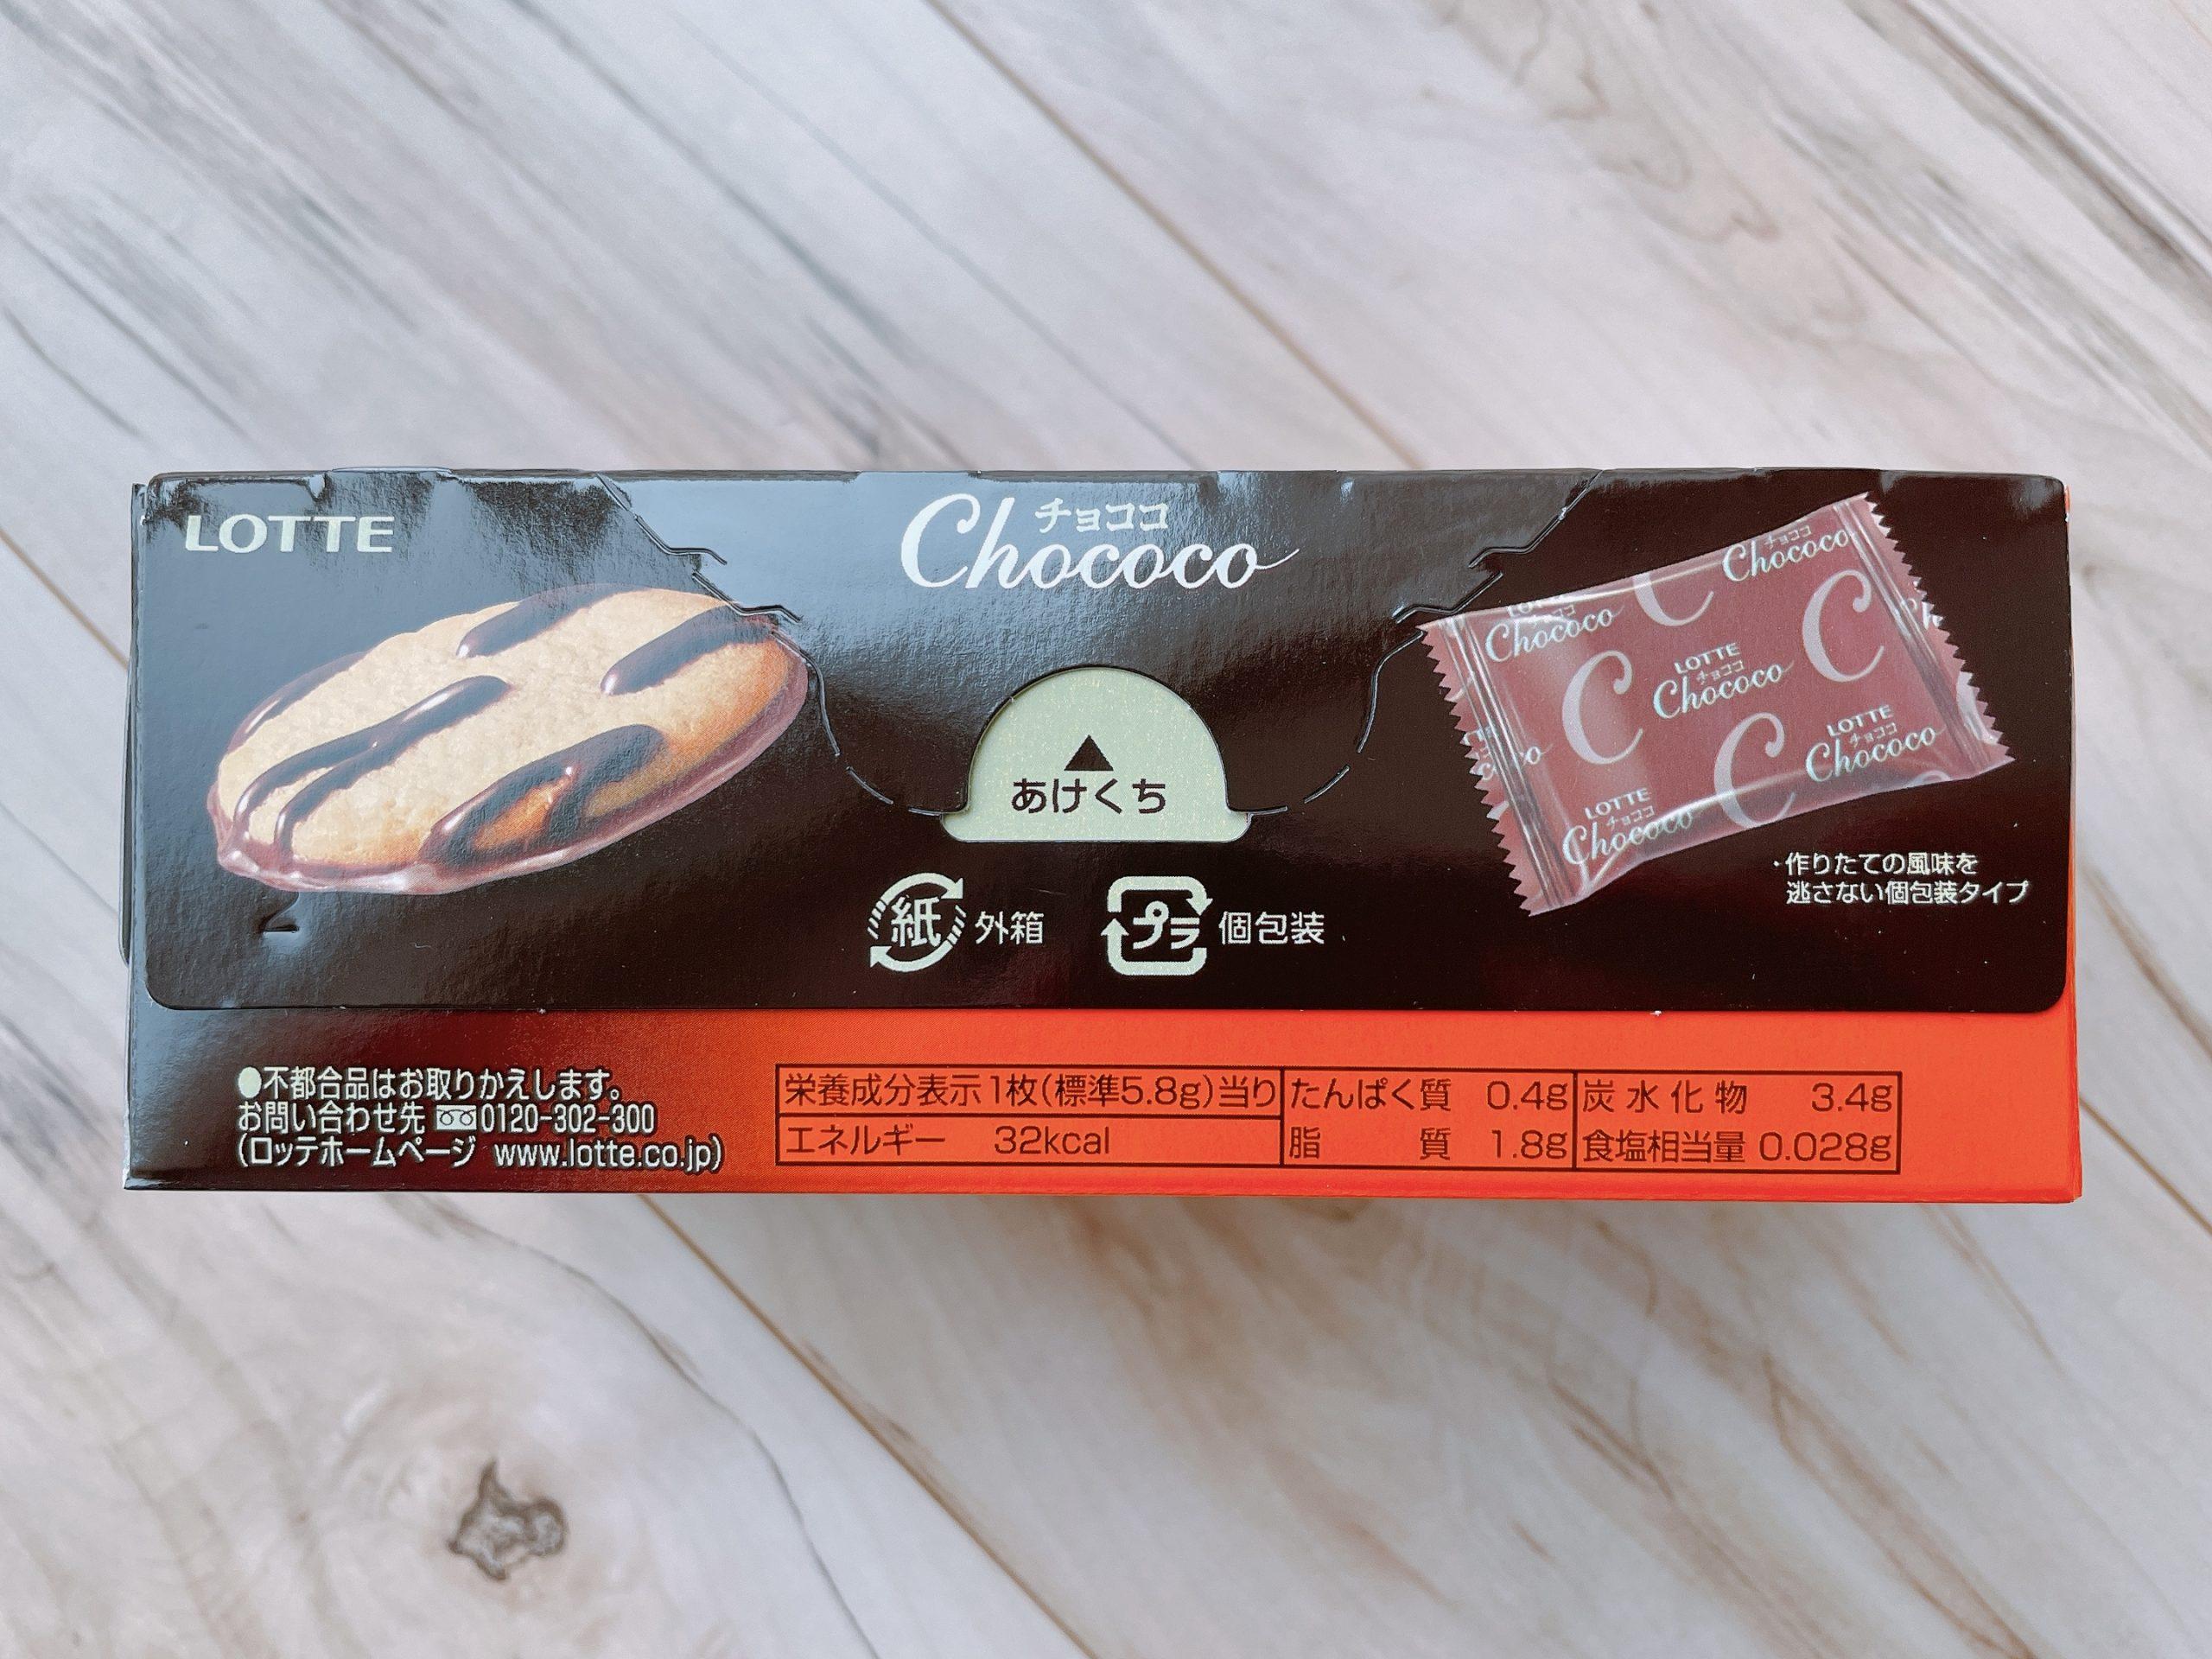 チョココの原材料やカロリーなど2